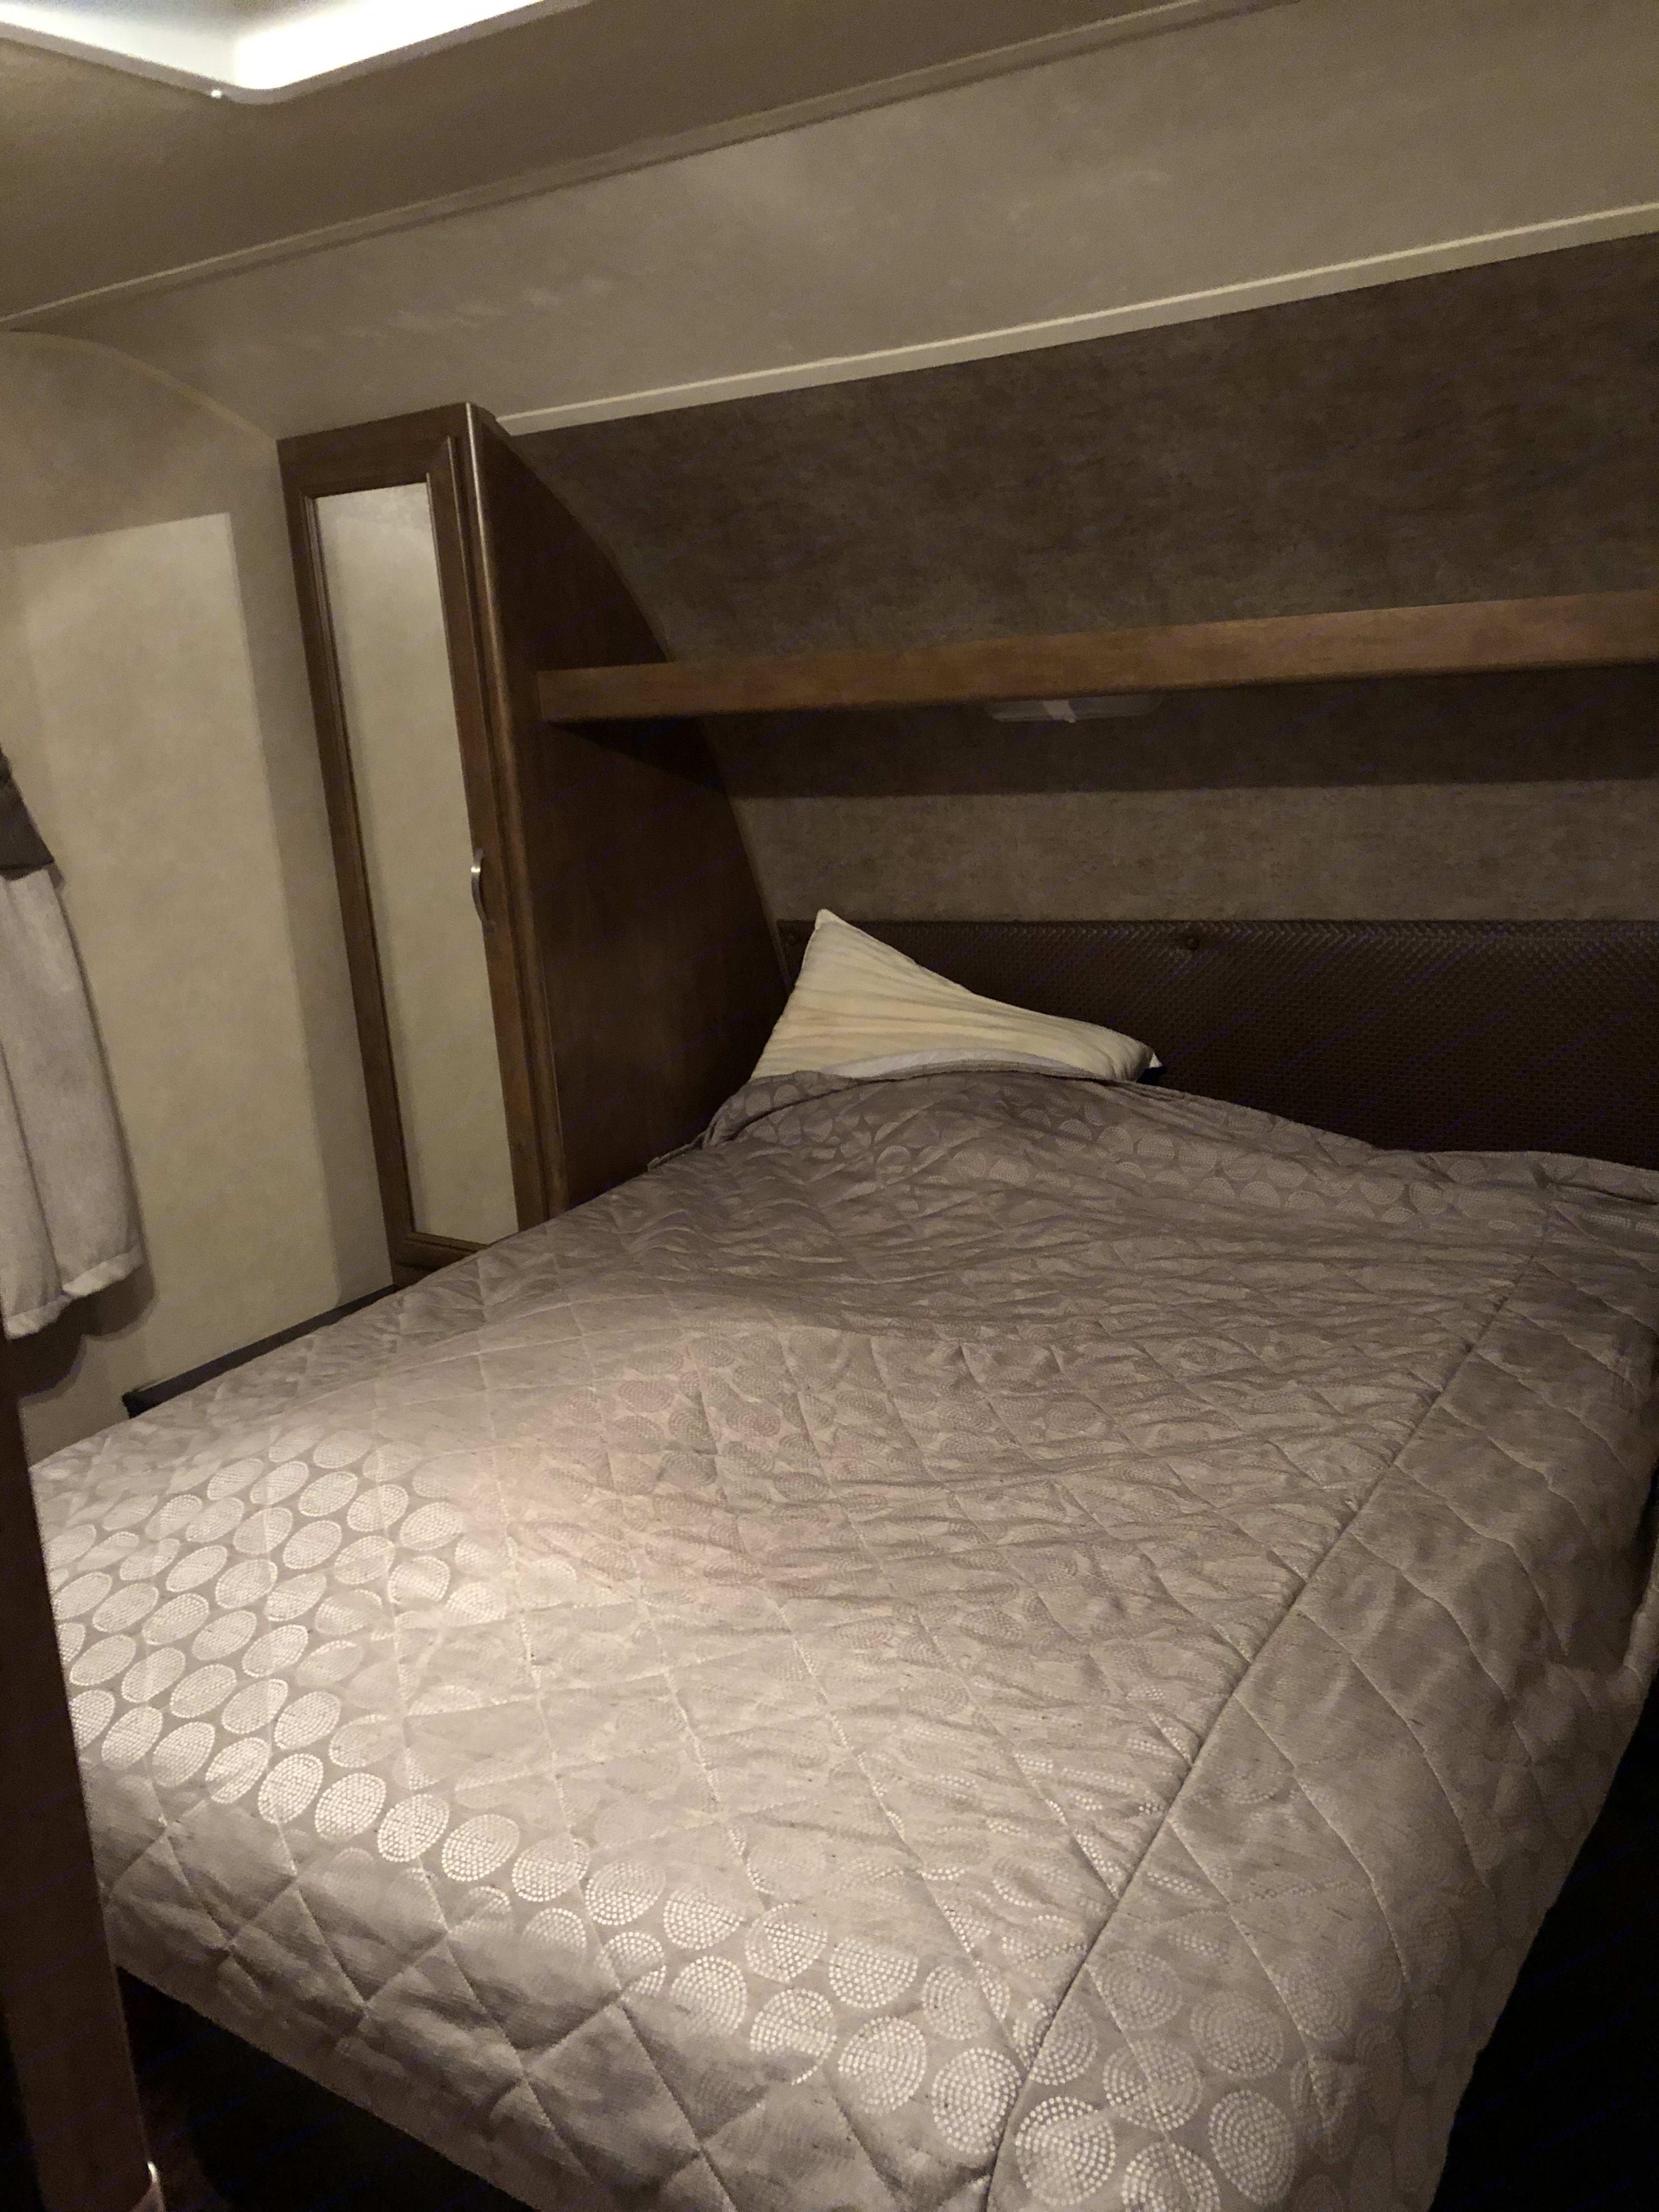 Queen size bed in bedroom. Wildwood 32qbss T31KQBTS 2015